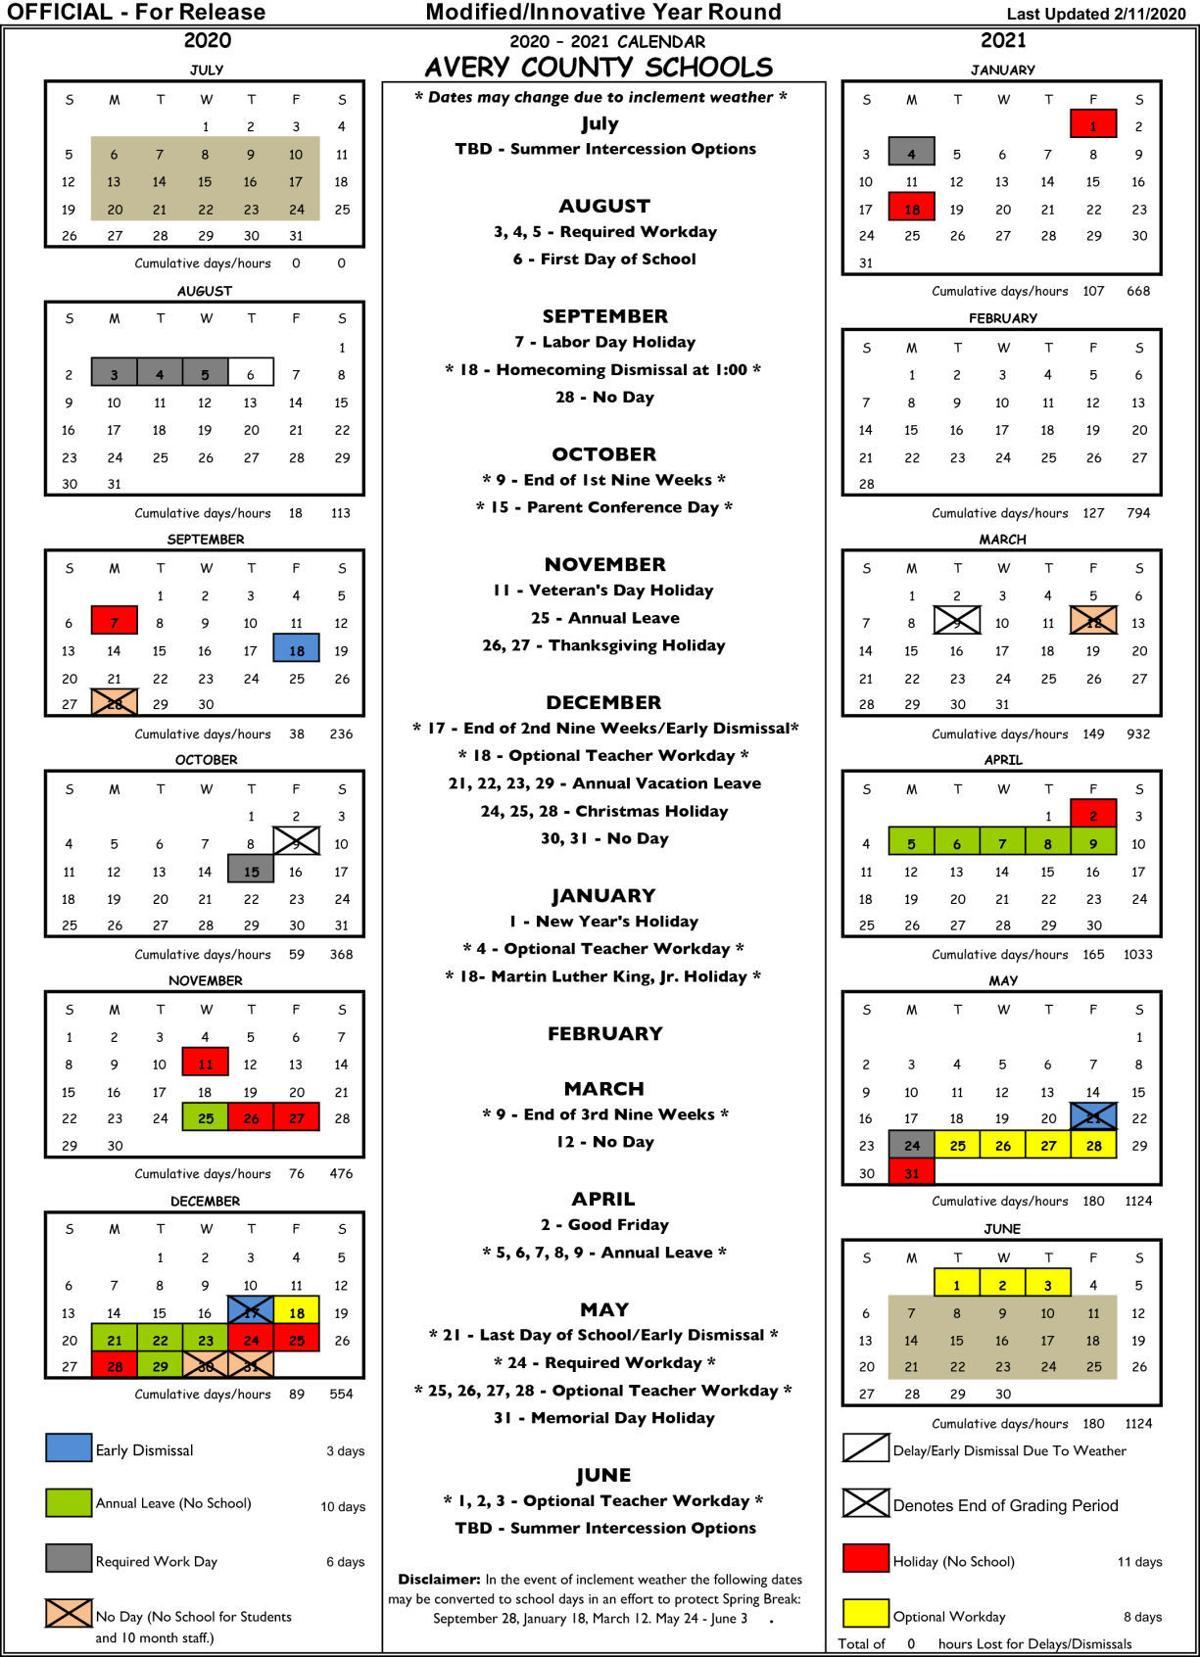 Avery HS 2020-21 calendar